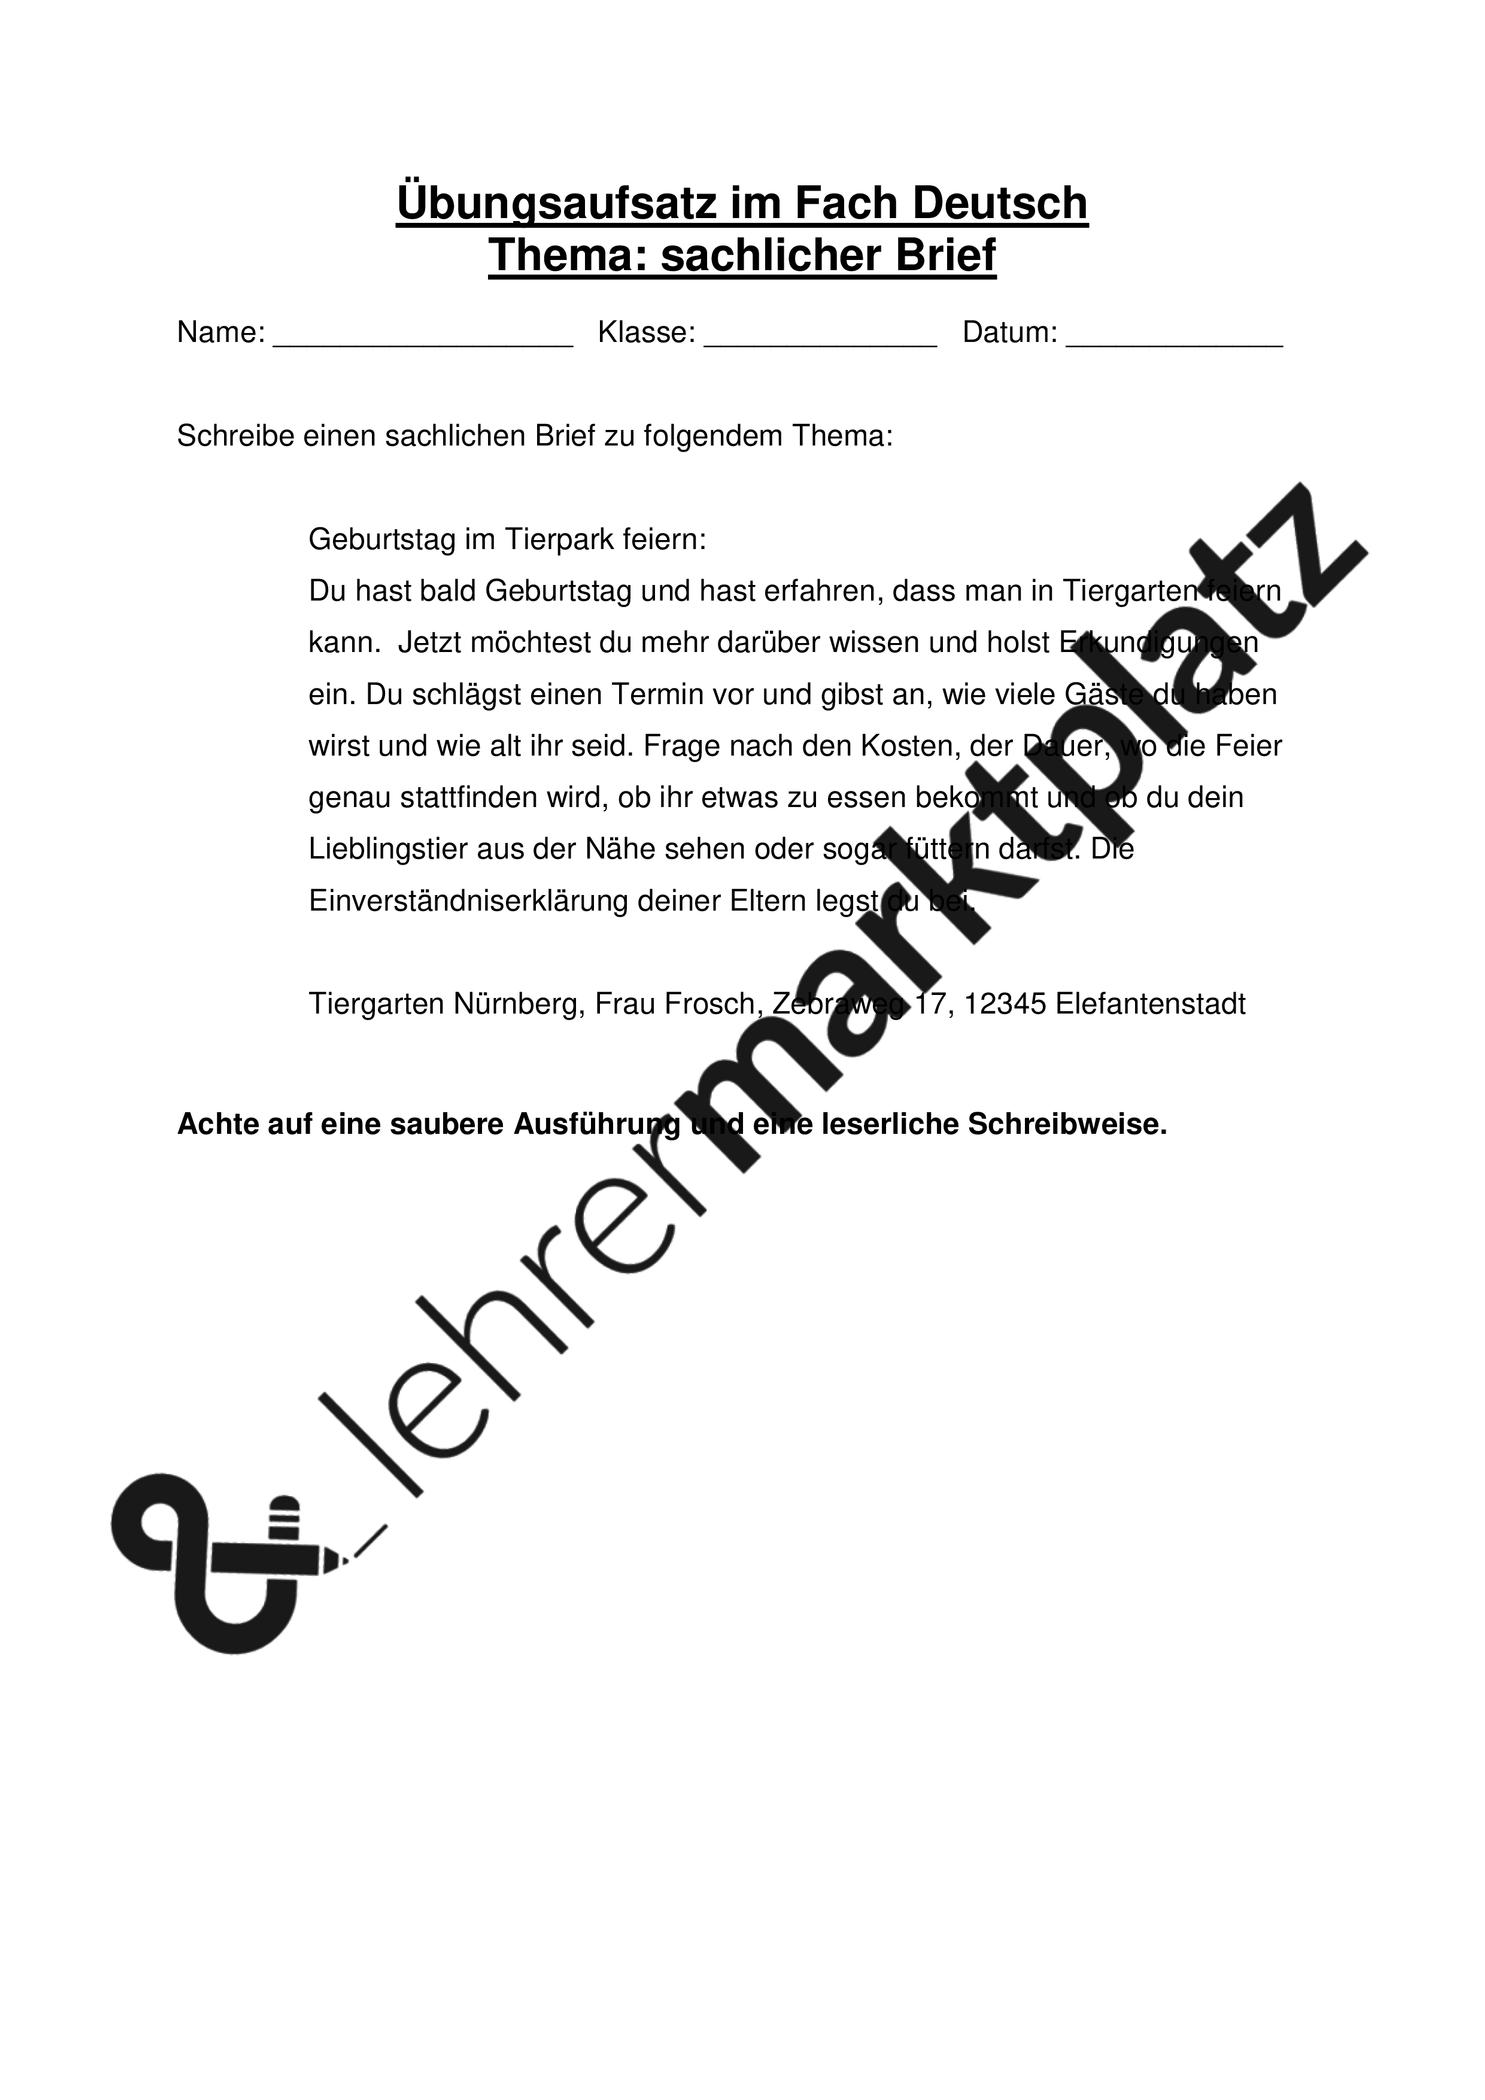 Sachlicher Brief Themenvorgabe Fur Ubungsaufsatz Unterrichtsmaterial Im Fach Deutsch In 2020 Brief Briefe Schreiben Aufsatz